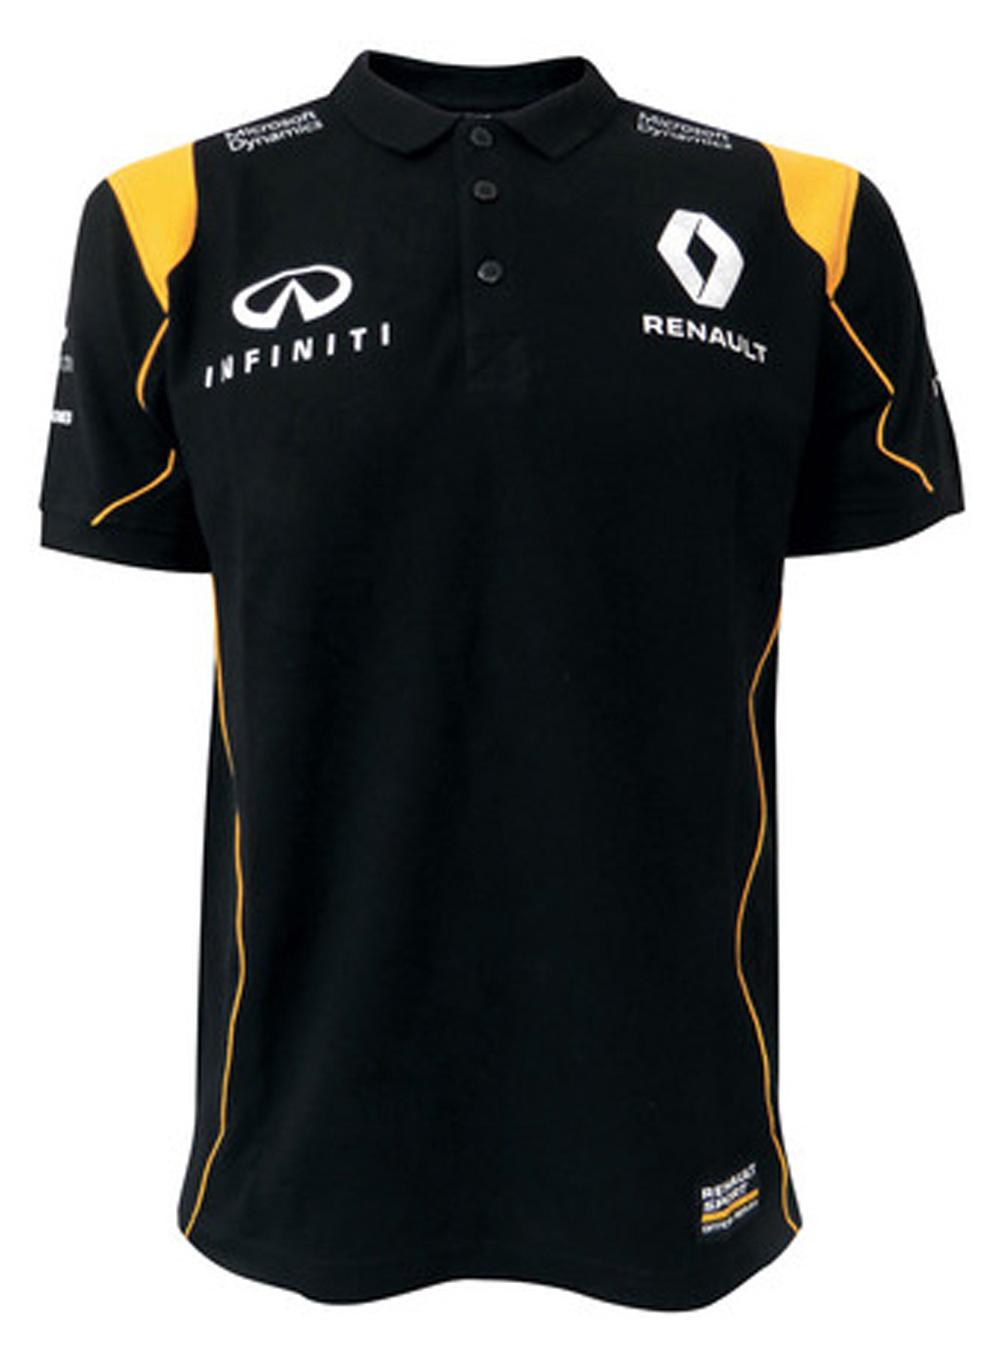 クラブウィナーズでルノーF1チームのウェアが販売開始